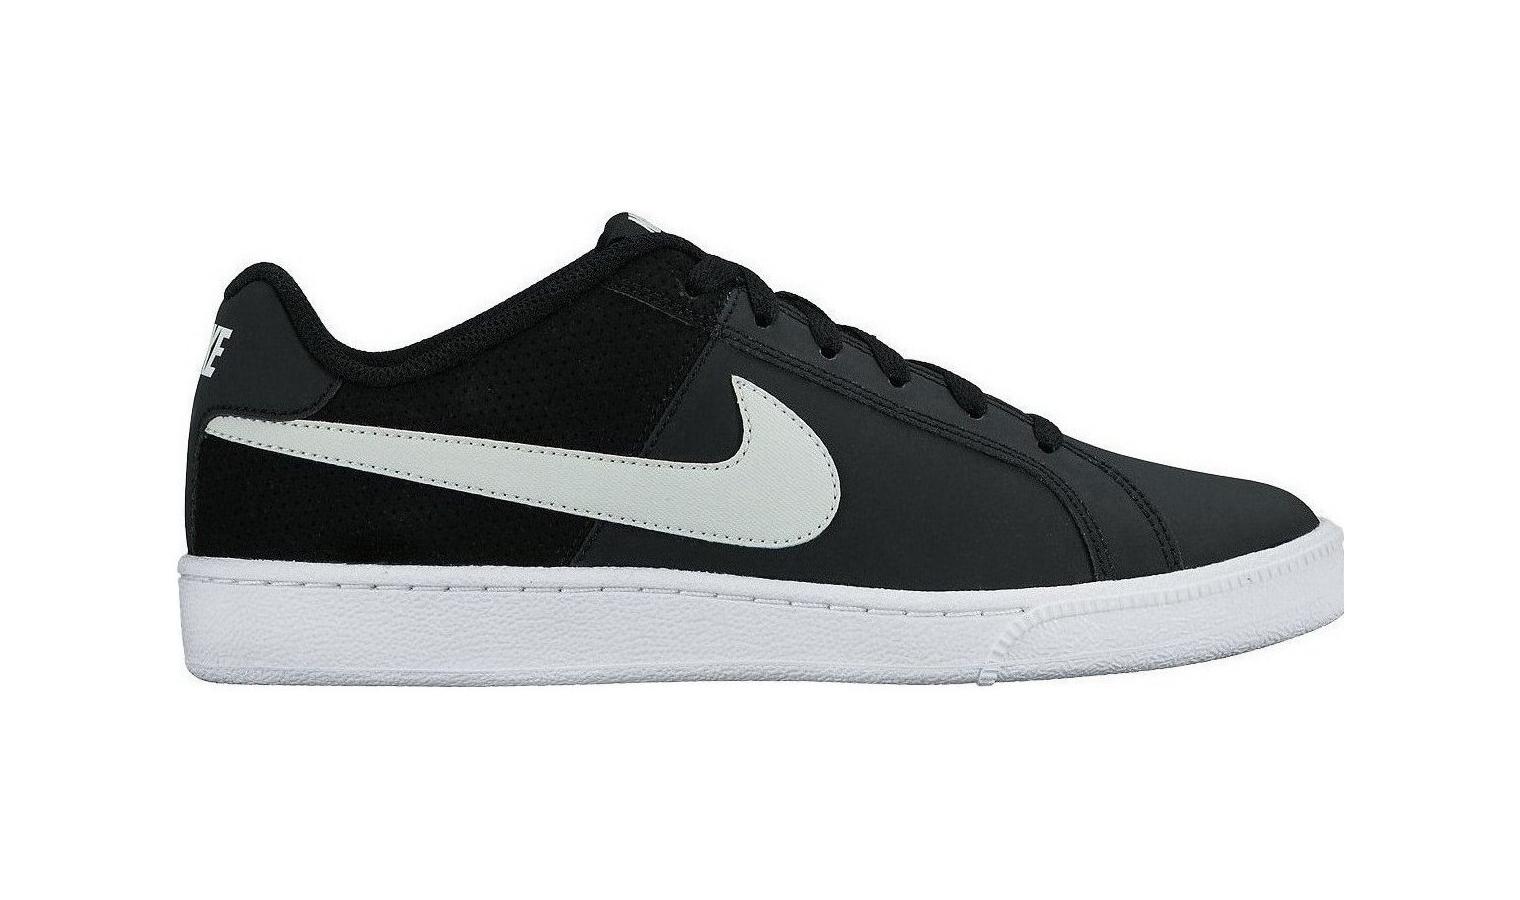 ab33905df6b Dámské skate boty Nike COURT ROYALE W černé